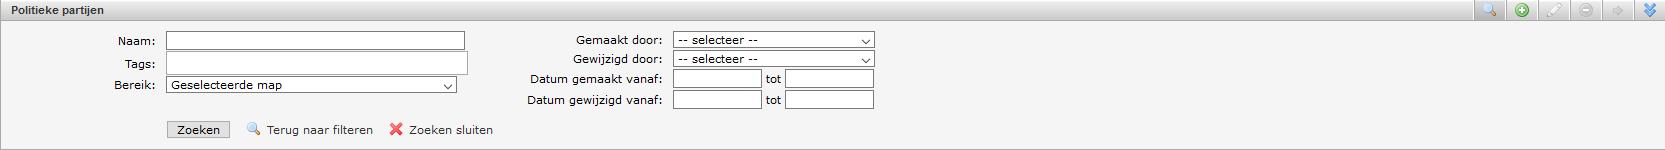 schermafdruk van de opties bij uitgebreid zoeken